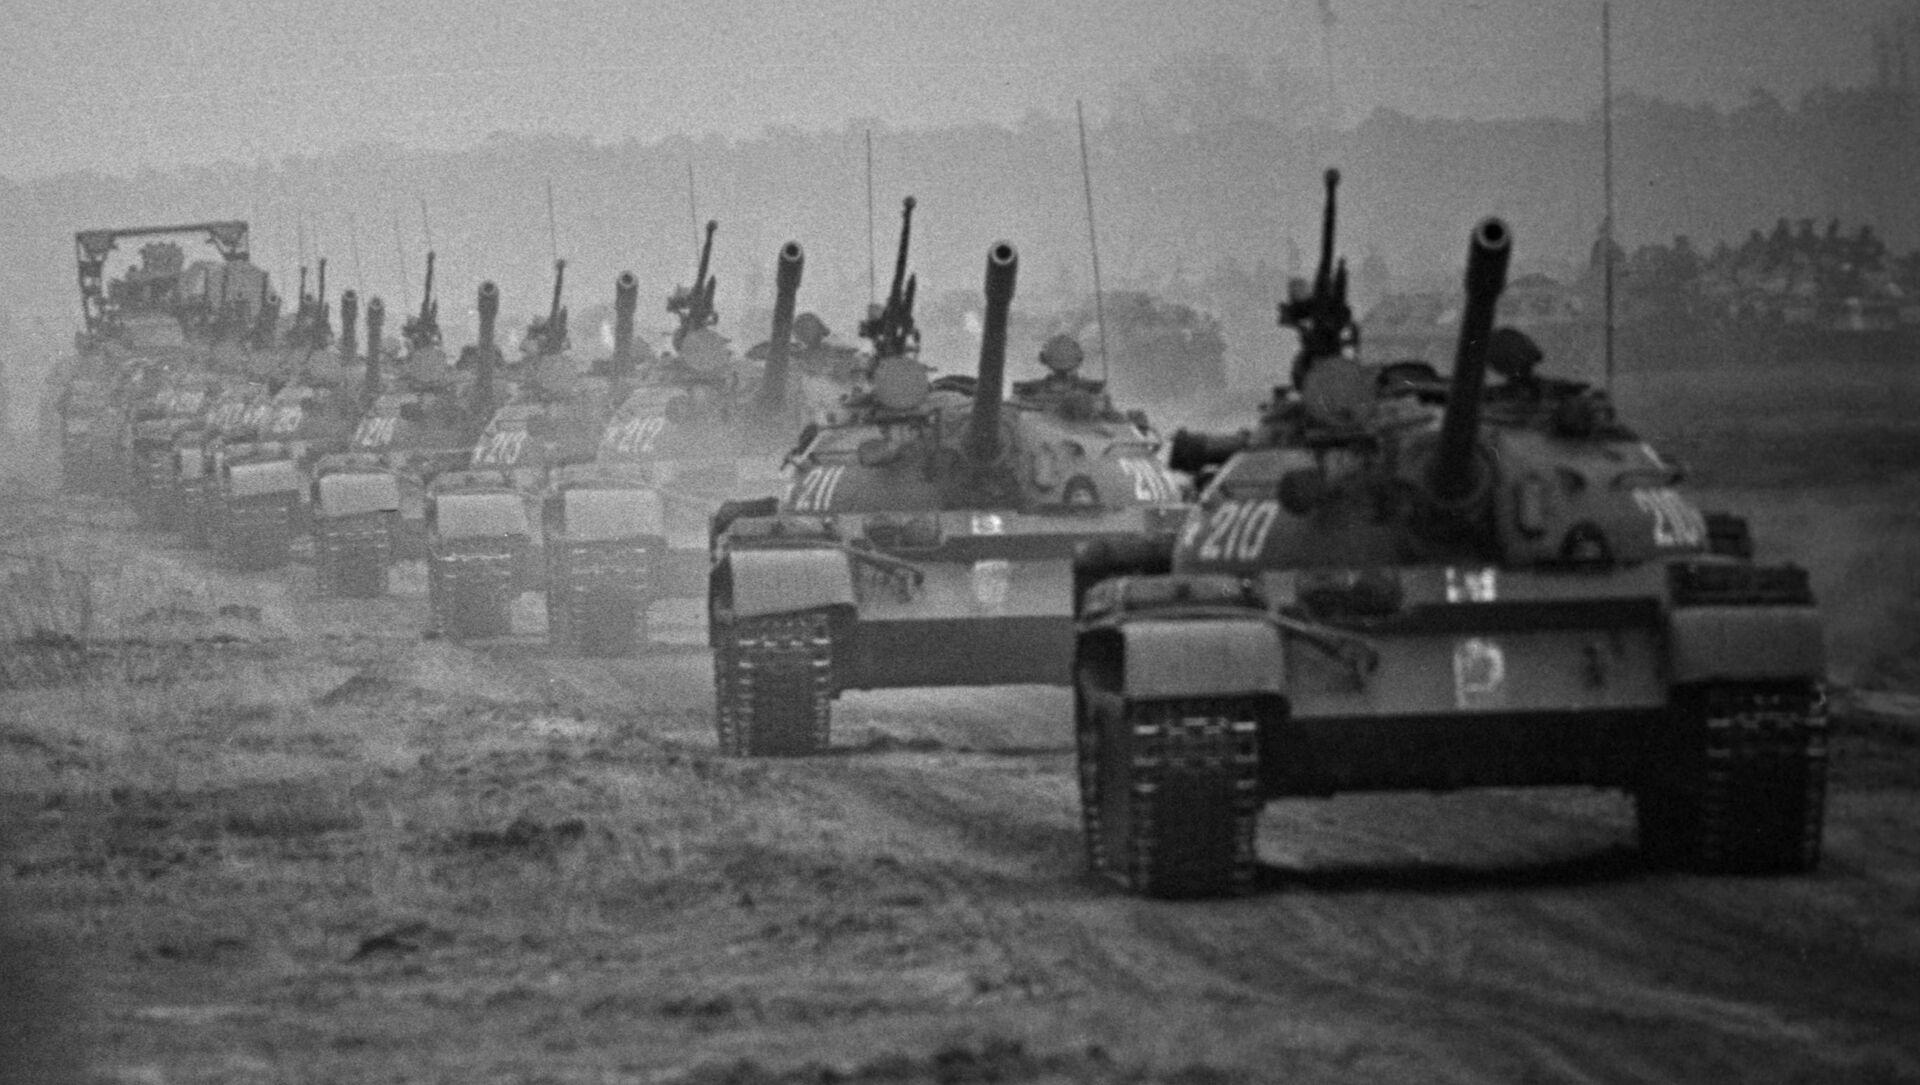 Cuộc tập trận kết hợp Tình anh em trong vòng tay của Liên Xô và các nước thuộc Khối Warszawa, 1970 - Sputnik Việt Nam, 1920, 01.04.2021